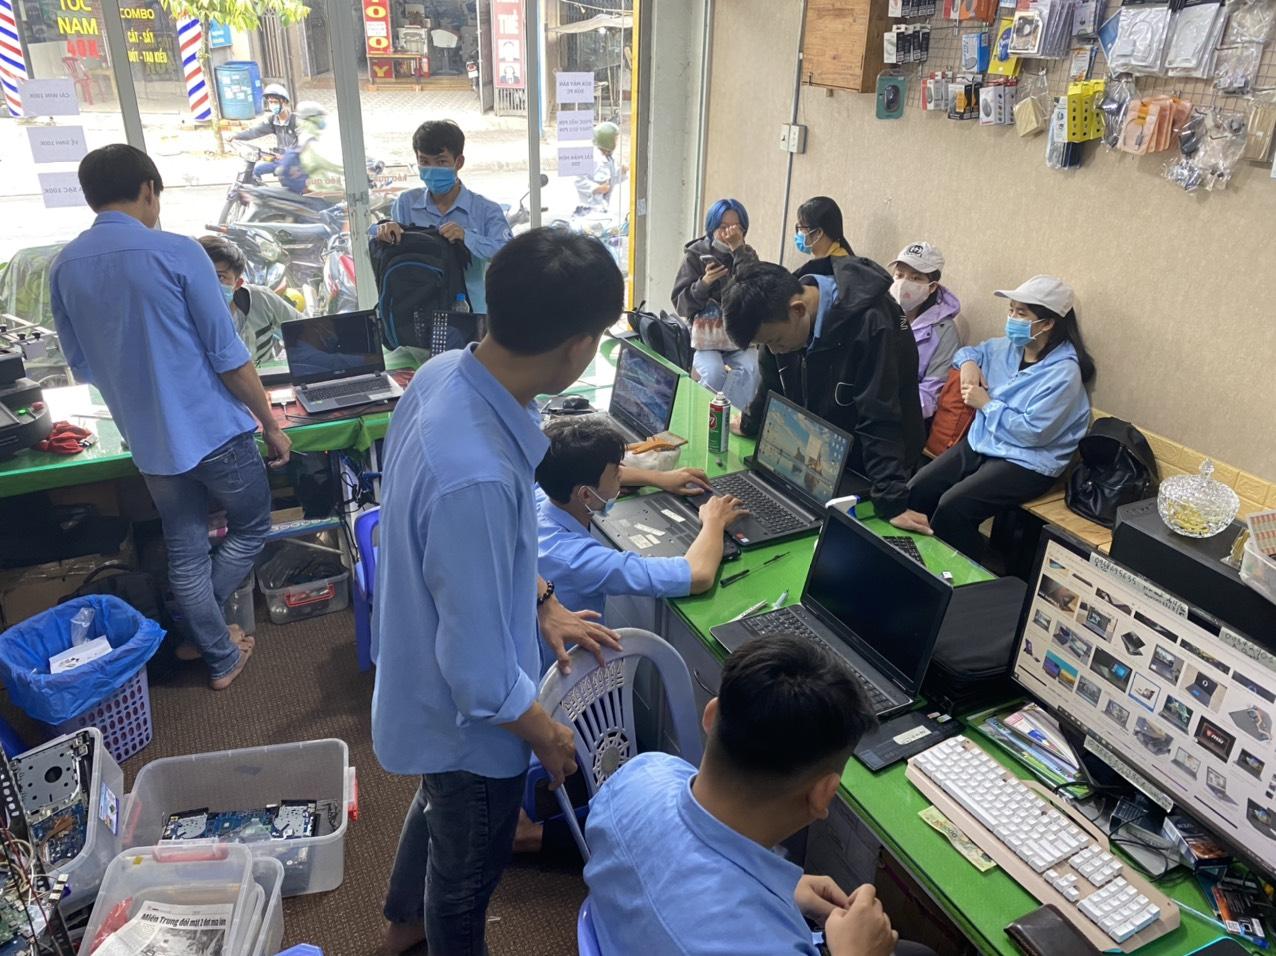 Vệ sinh laptop bảo dưỡng máy tính chất lượng,lấy liền phường tăng nhơn phú b quận 9,quận thủ đức |hcm